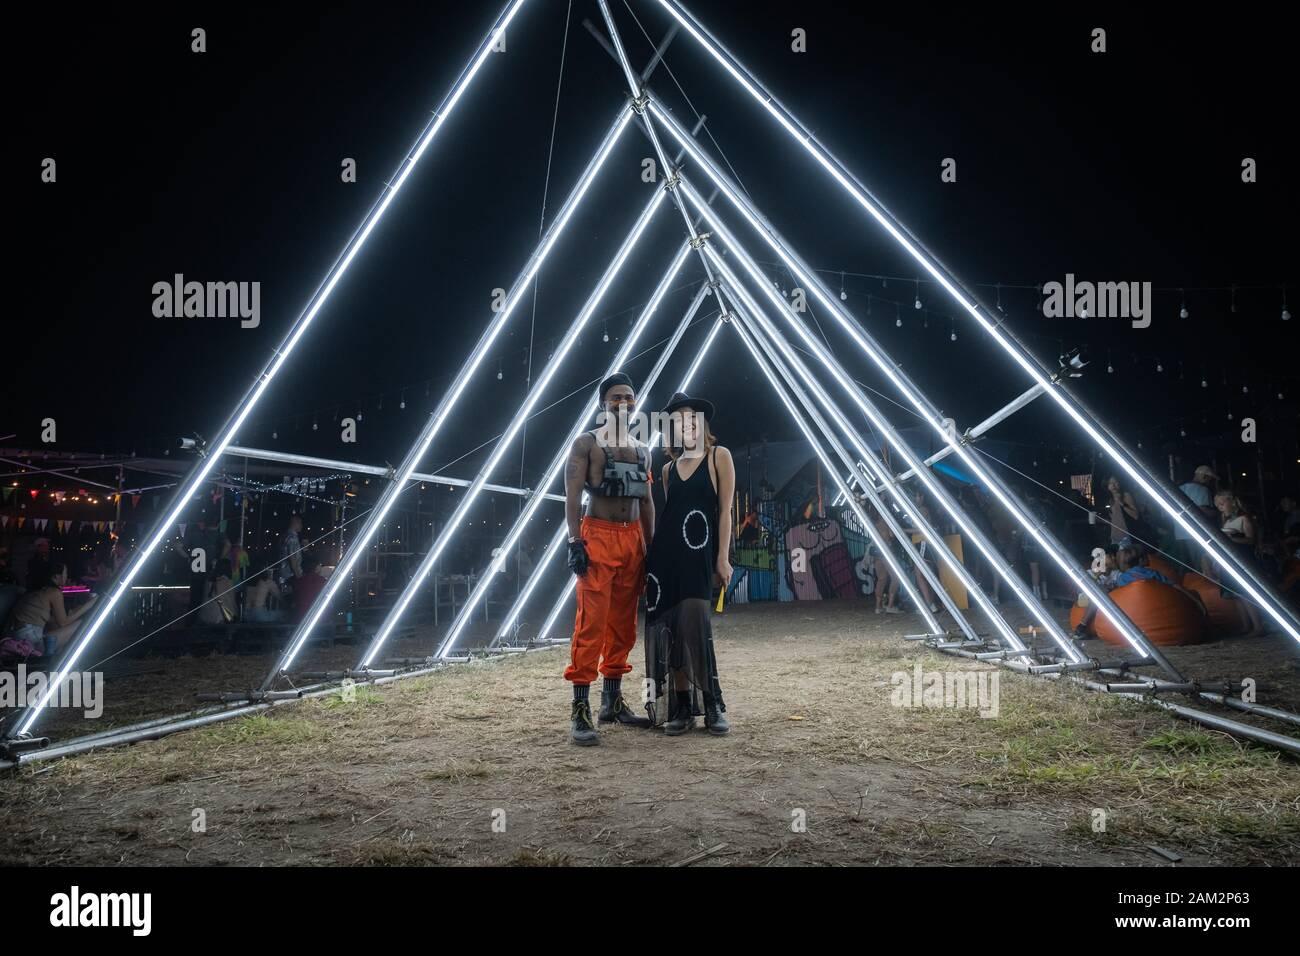 PATTAYA, THAILAND - DECEMBER 15: People during wonderfruit 2019 festival, asian burning man on December 15, 2019 in Pattaya, Thailand. Stock Photo